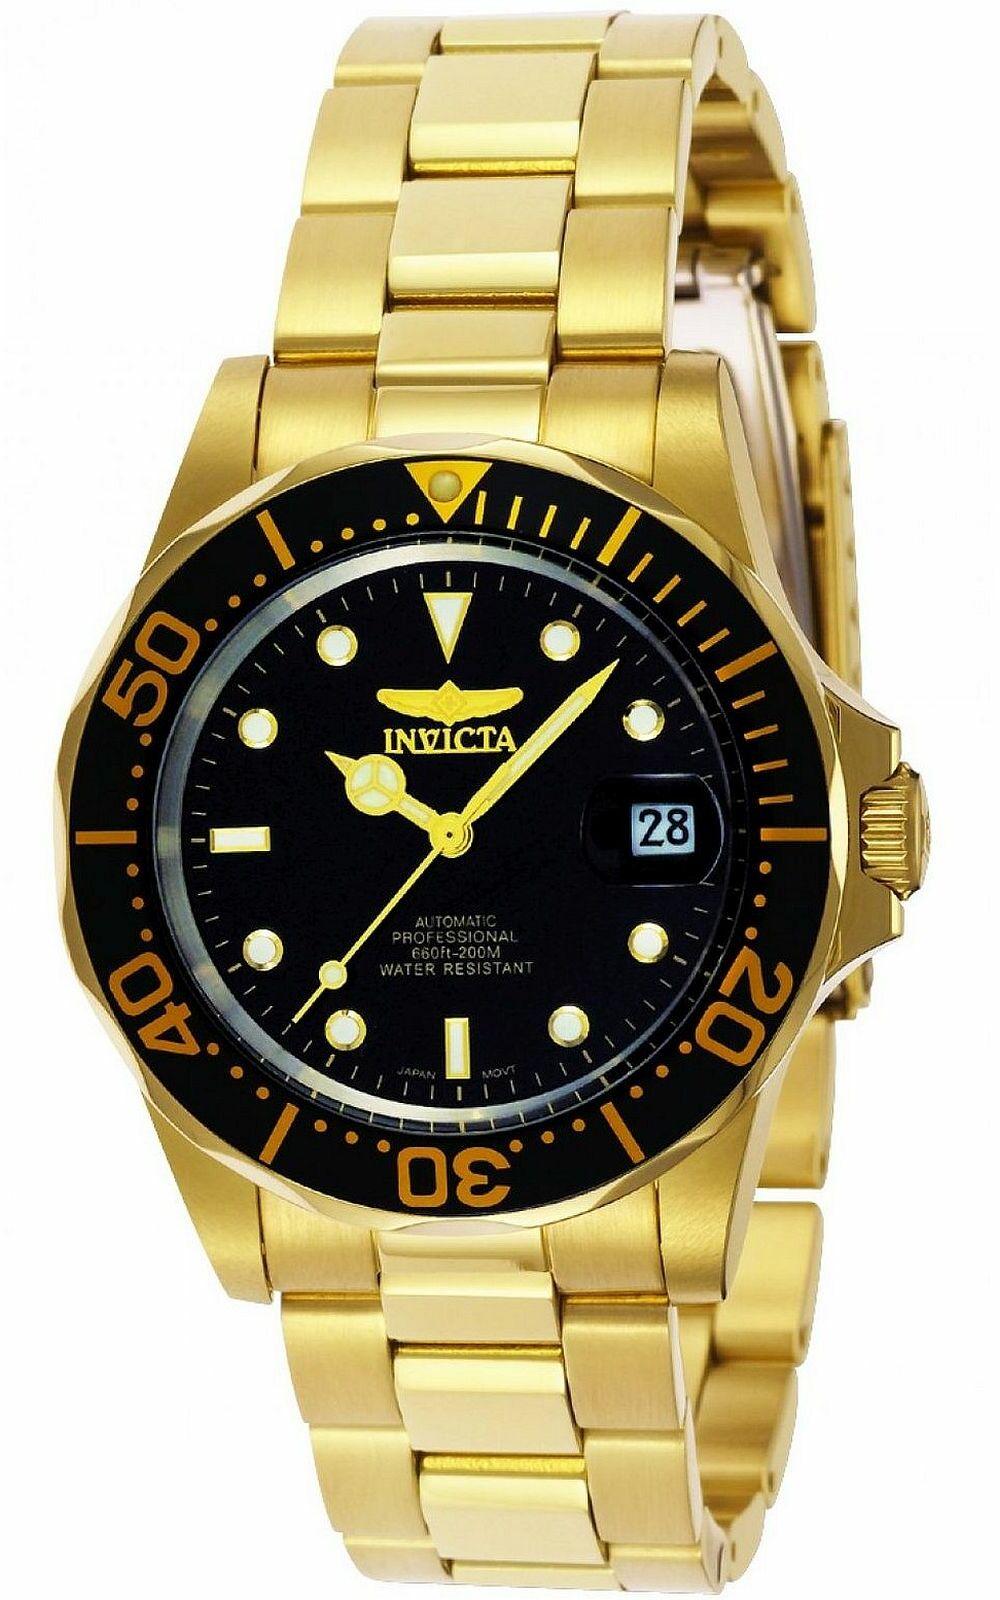 Zegarek męski Invicta Pro Diver Automatic